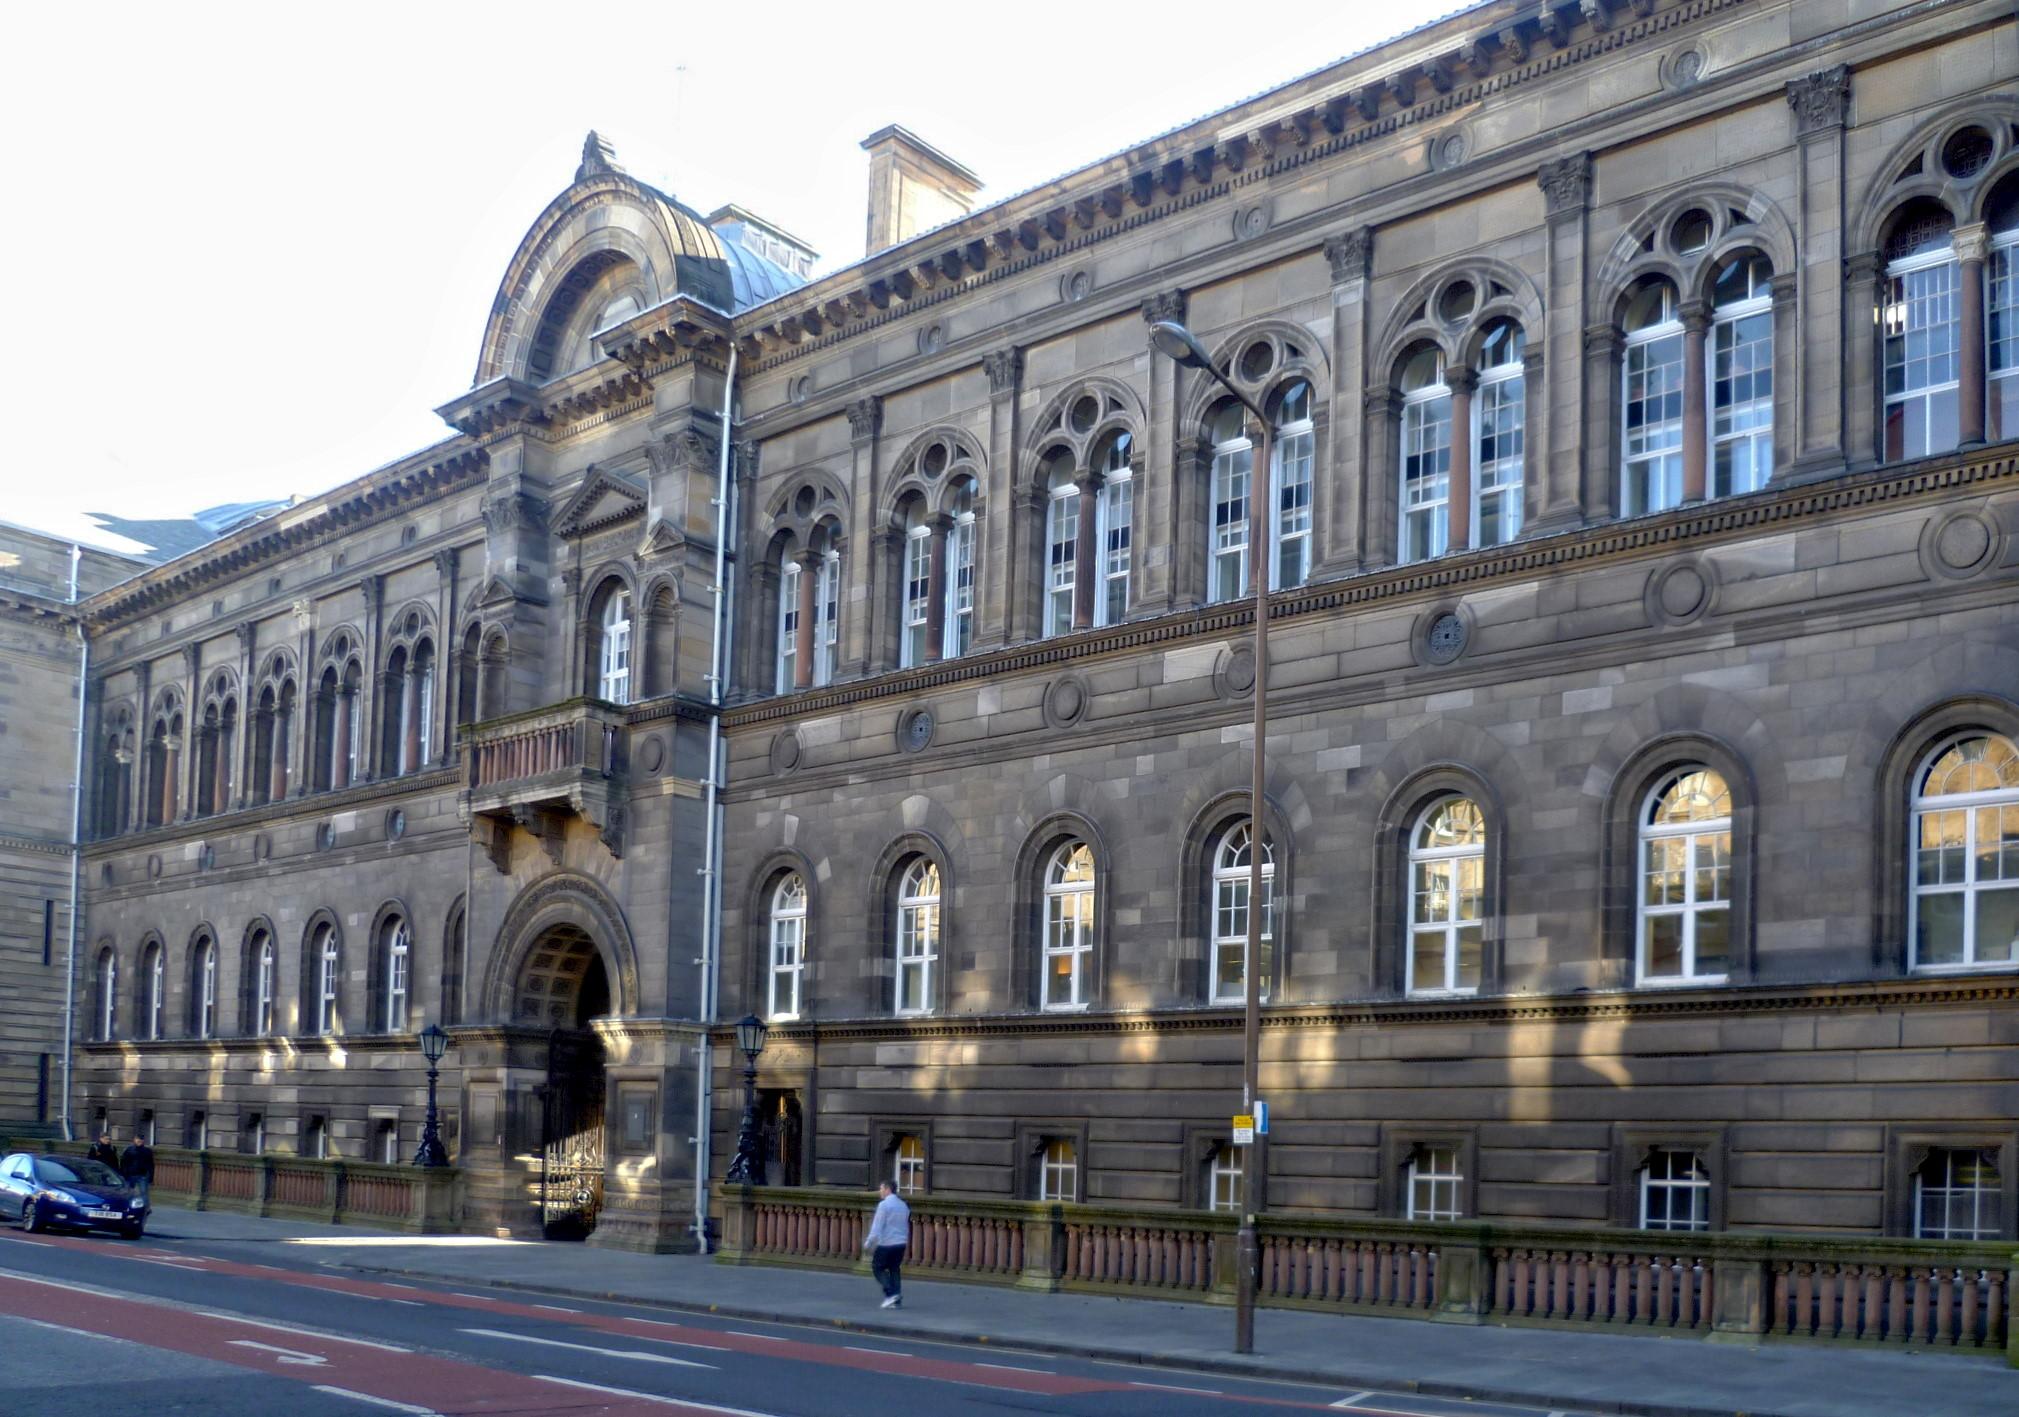 Teviot-Place-campus-histórico-da-Faculdade-de-Medicina-da-Universidade-de-Edimburgo